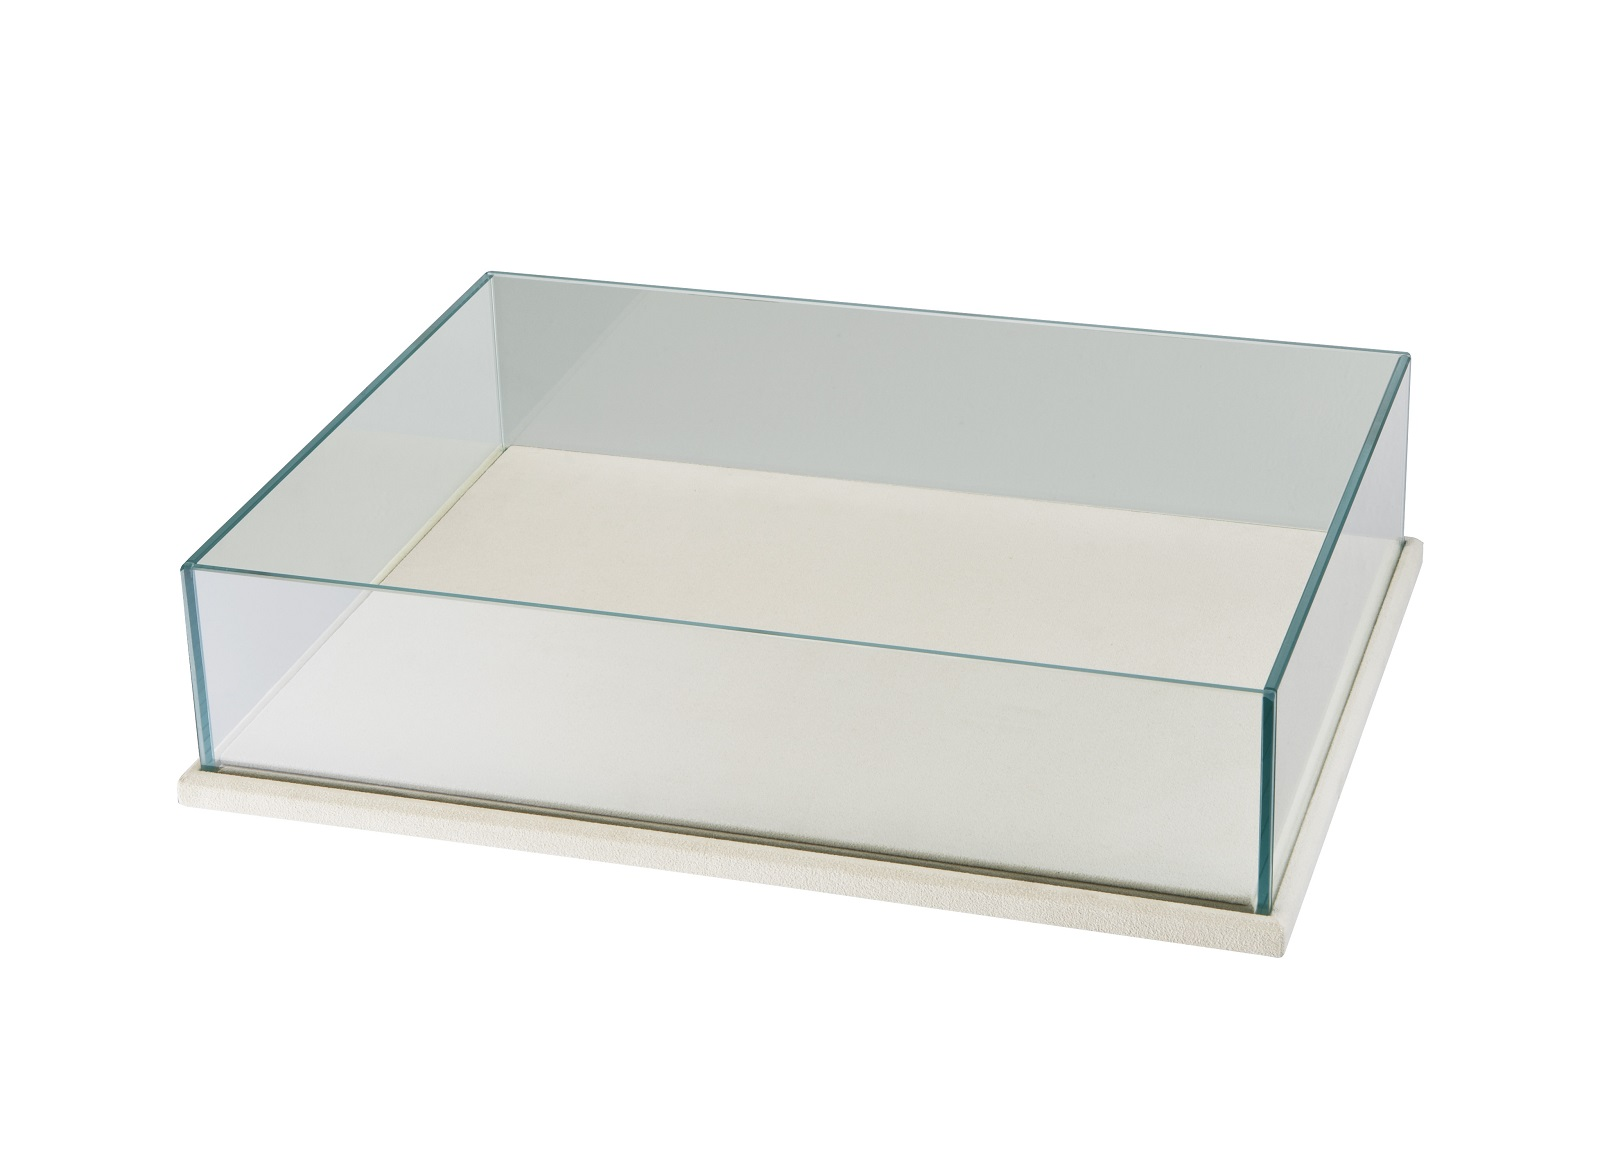 アクセサリーケース アクリルガラス色在庫切れの場合は、納期をお知らせ致します。